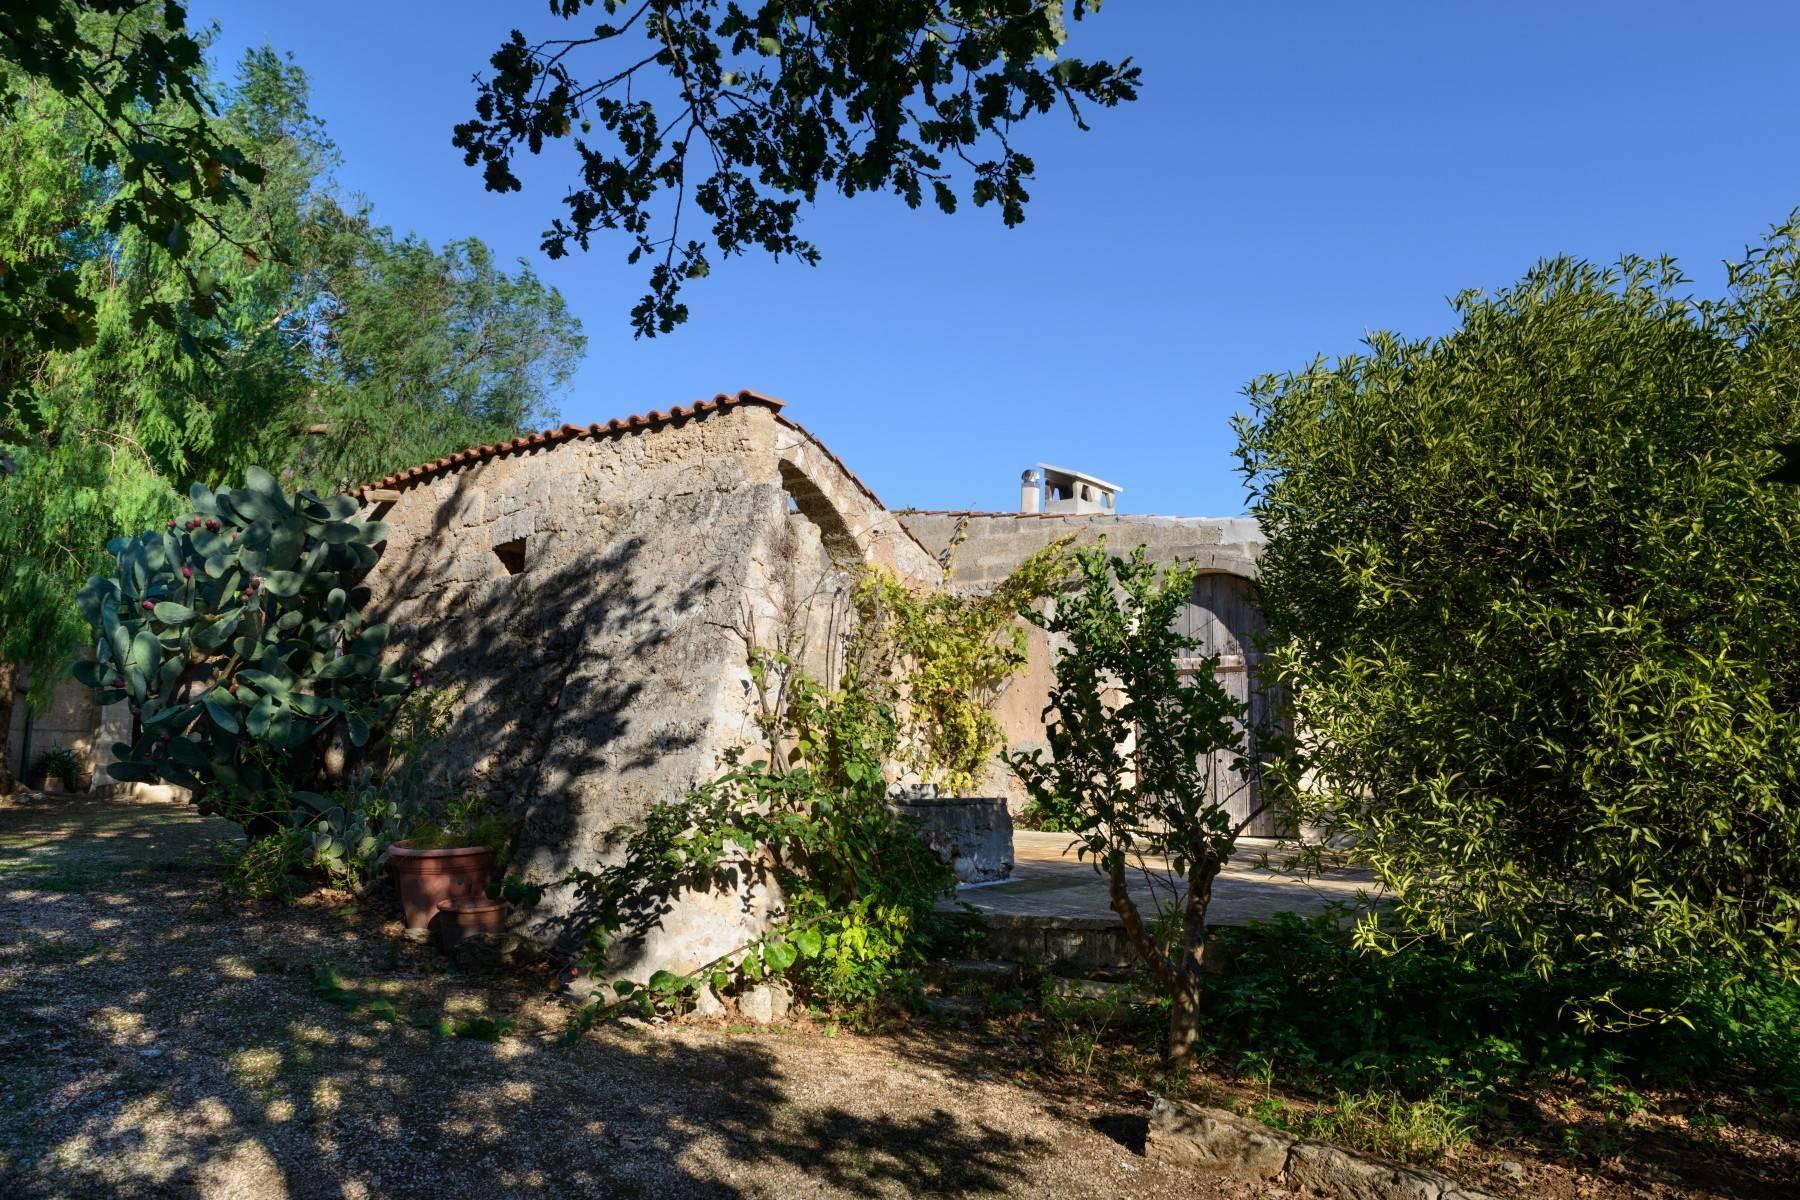 坐落于著名的Masseria Caracciolo住宅区内的优雅别墅 - 5